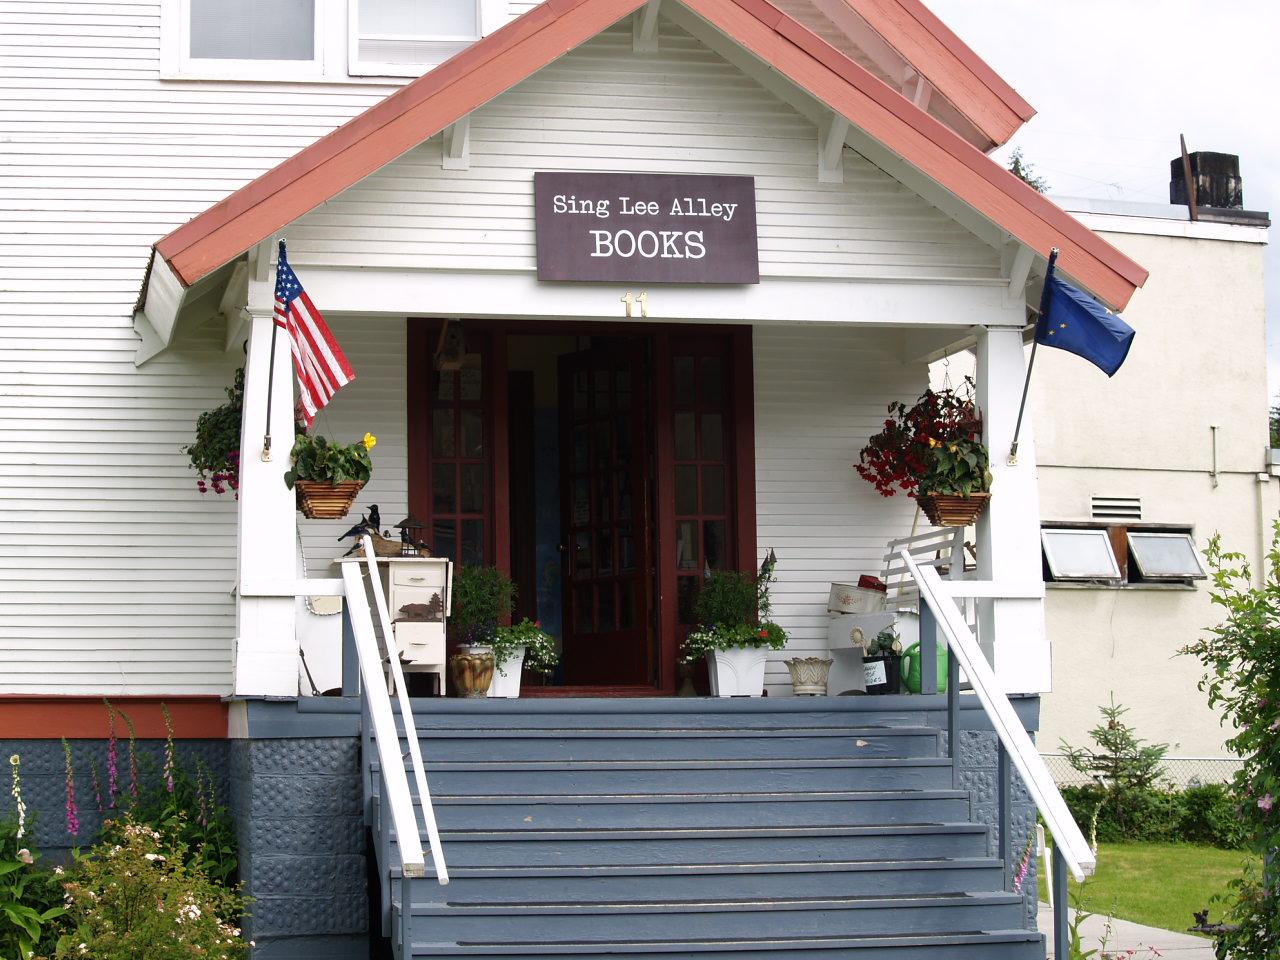 Sing Lee Alley books in Petersburg, Alaska - great book store! (2006)